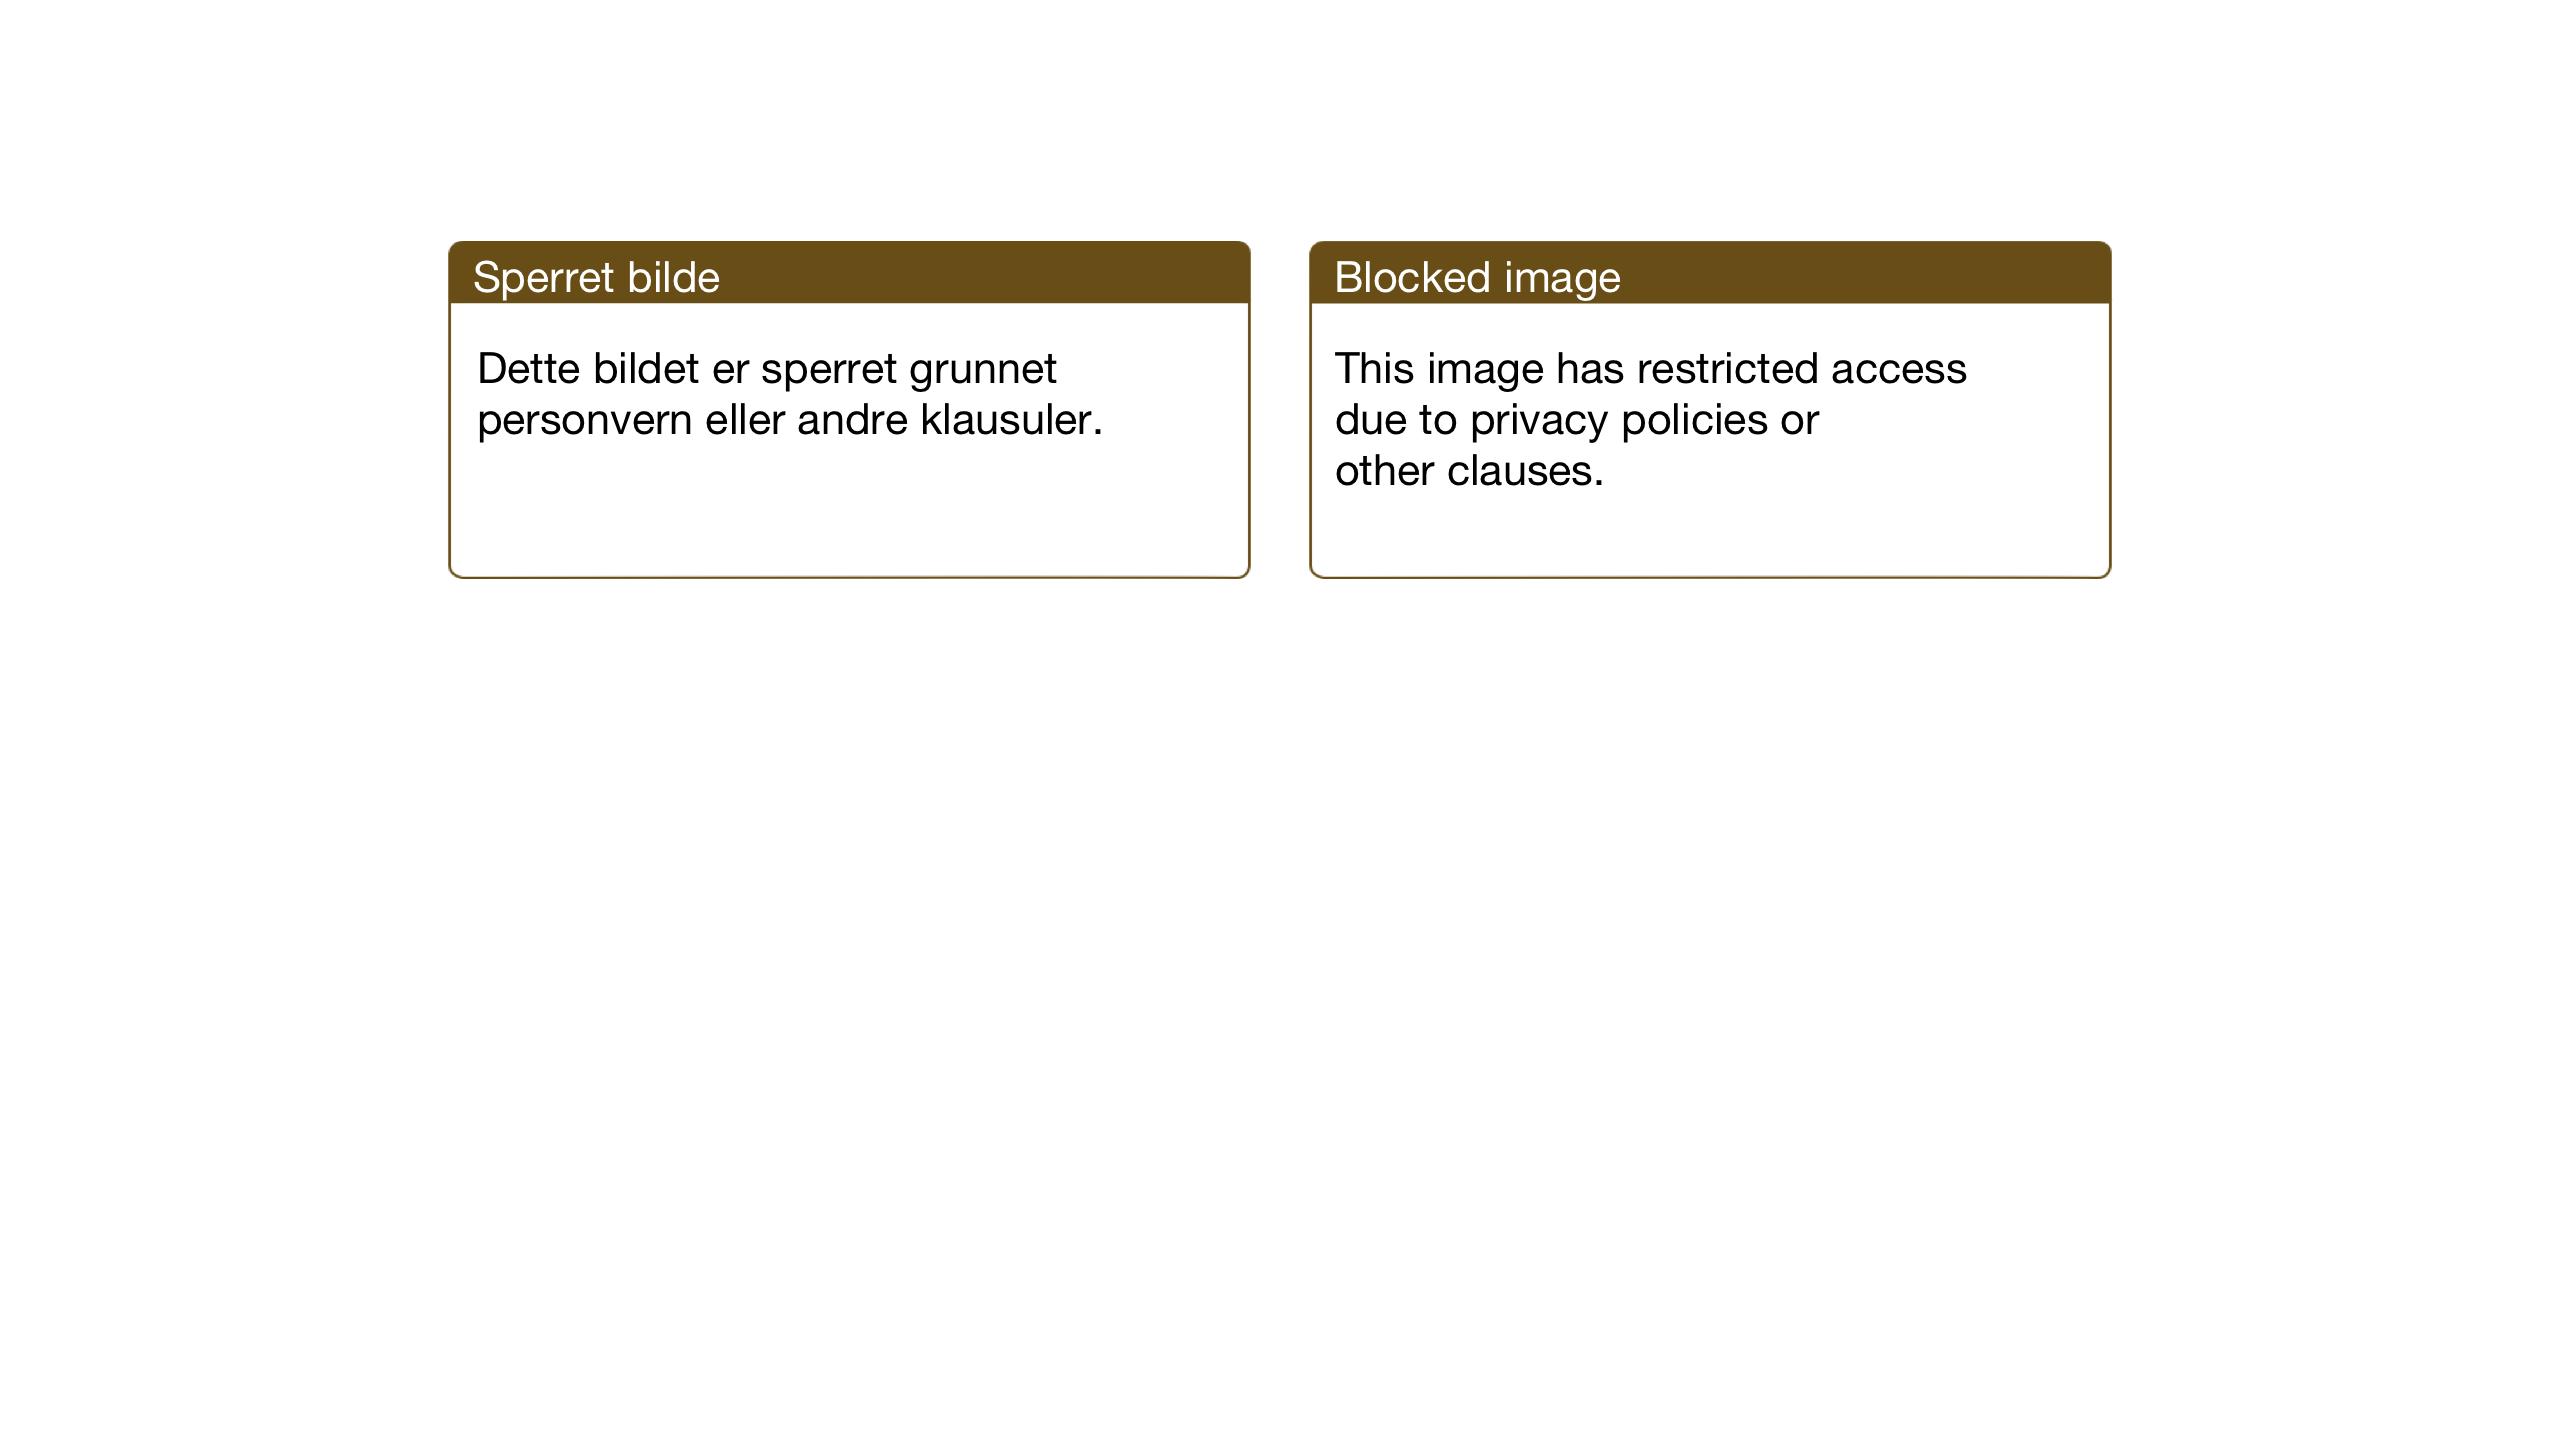 SAT, Ministerialprotokoller, klokkerbøker og fødselsregistre - Sør-Trøndelag, 633/L0521: Klokkerbok nr. 633C03, 1921-1941, s. 43